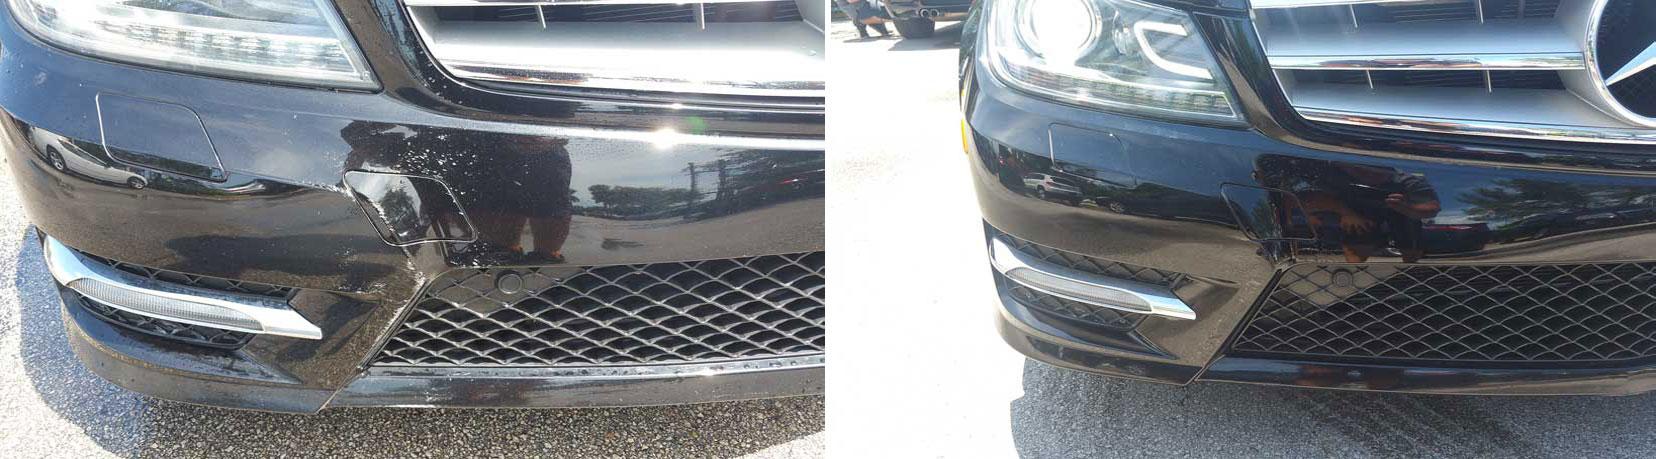 Merceds-Benz-paint-scratch-and-chip-repair-Palm-Beach,-FL